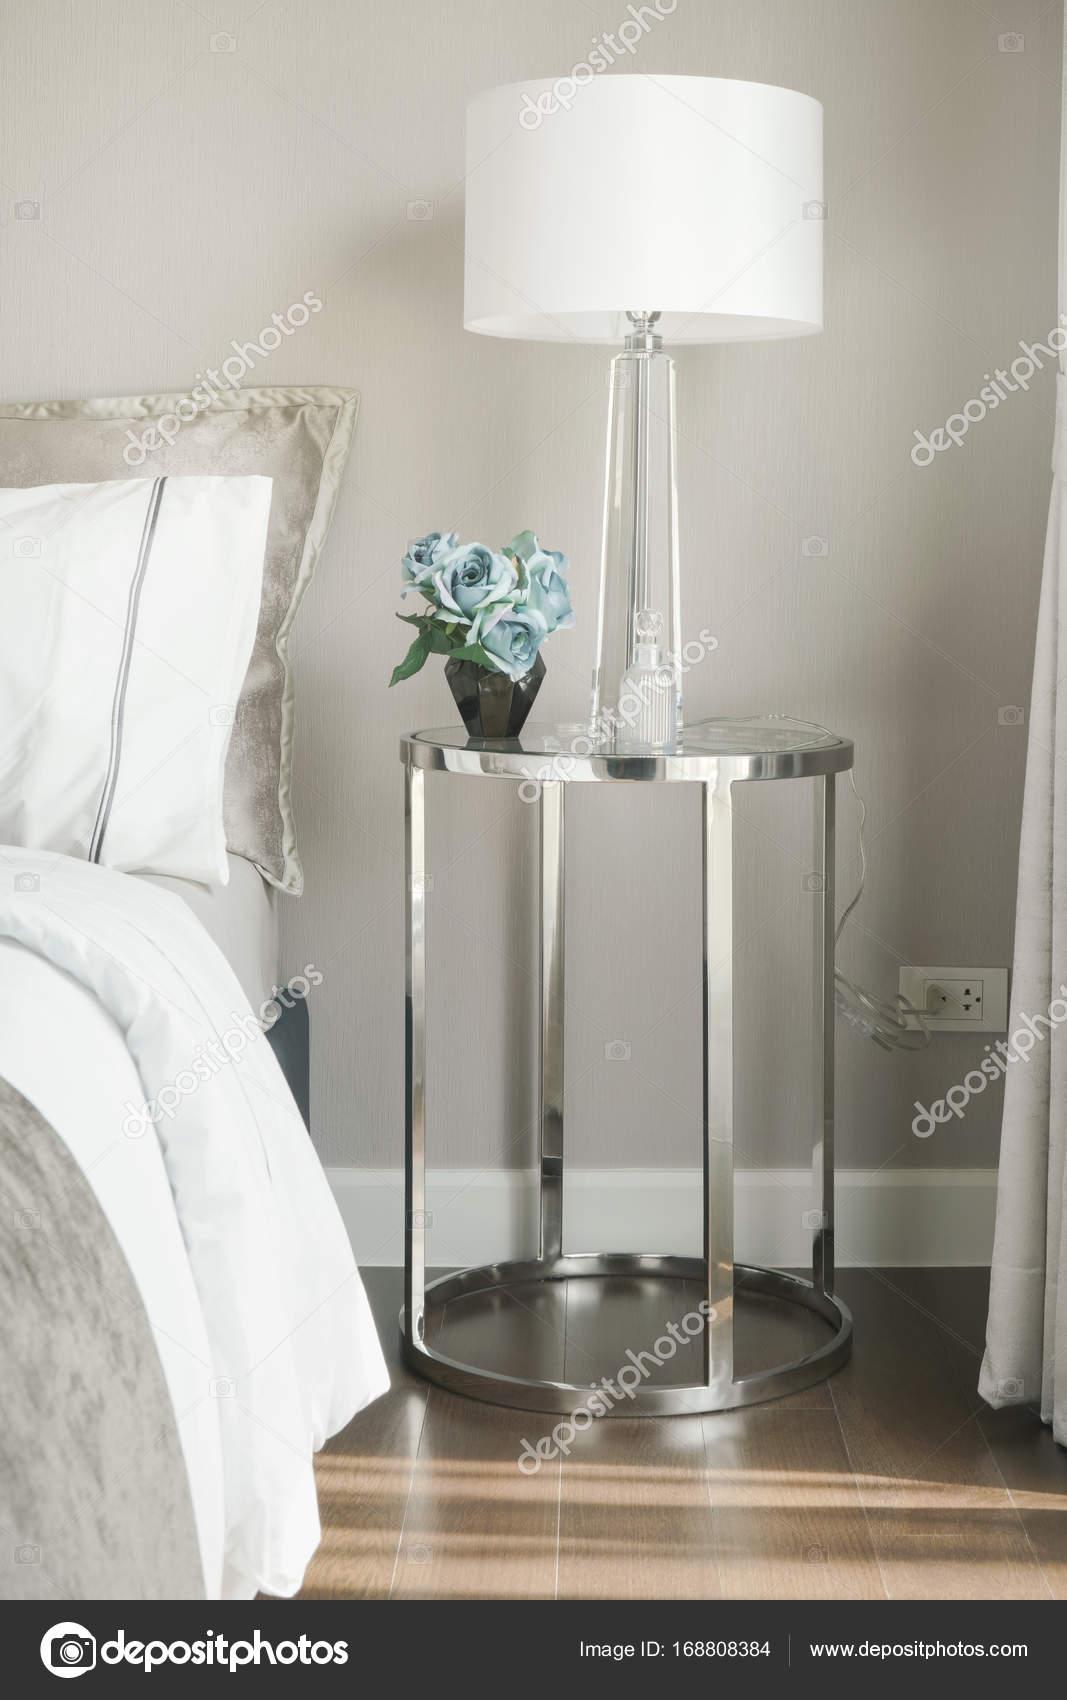 Pantalla blanca de lectura lámpara y rosa azul en vidrio acero inox ...